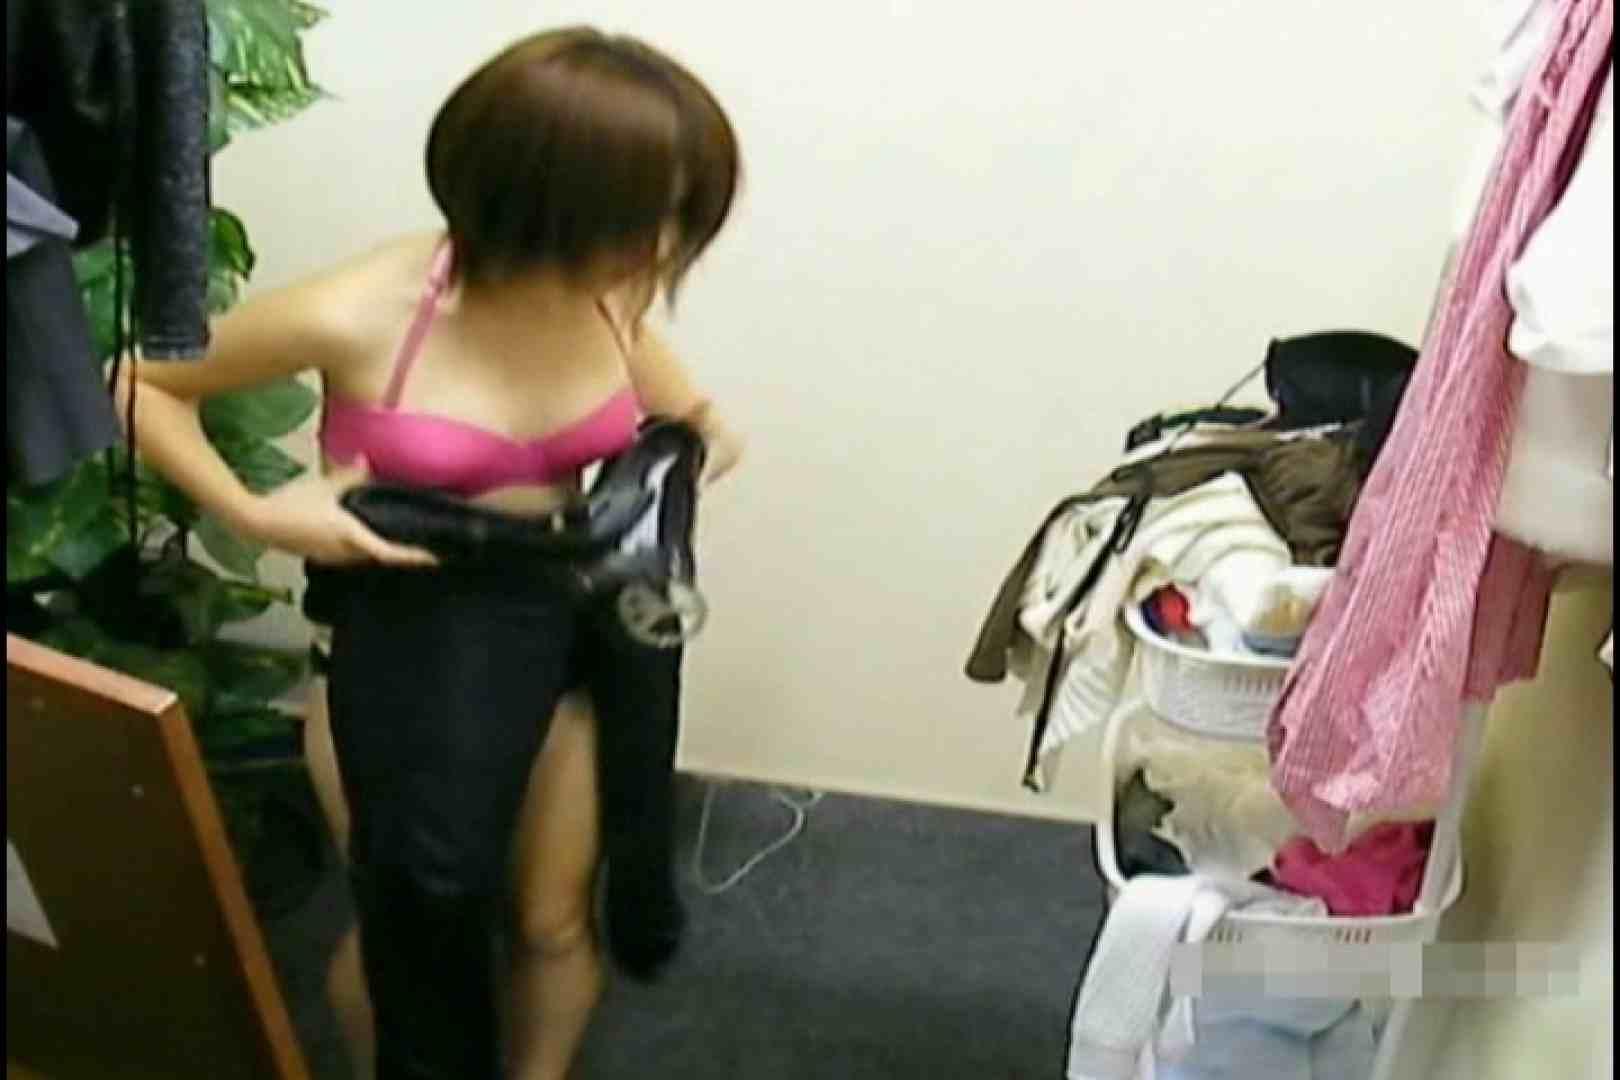 素人撮影 下着だけの撮影のはずが・・・れみ18歳 おっぱい娘 | 素人ギャル女  79連発 9